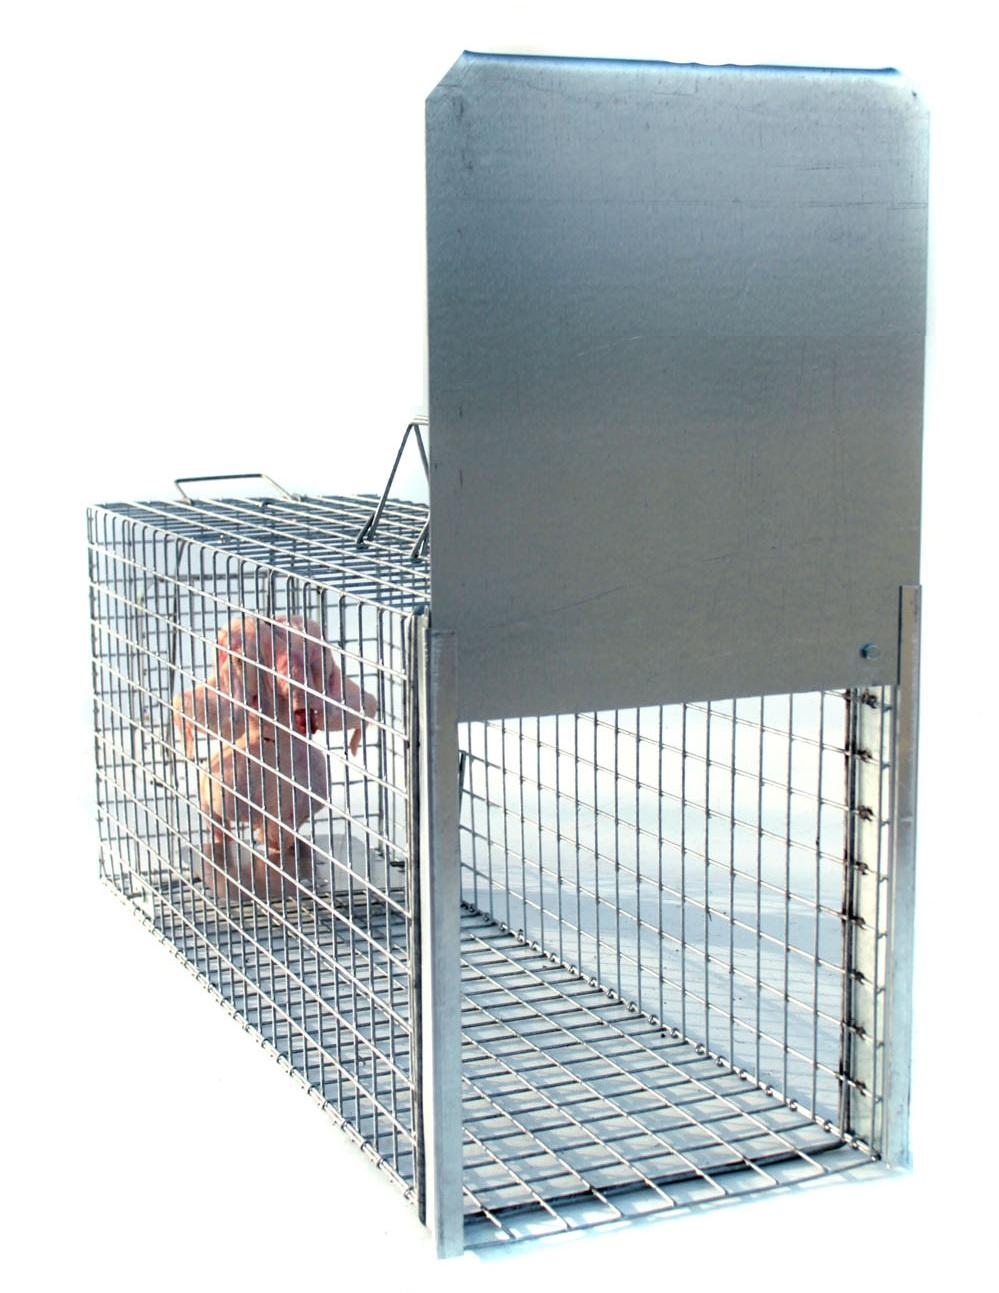 Profesionální odchytová past - sklopec na psy, lišky, vydry kuny - 105x34x42 - síla drátu 3,5 mm